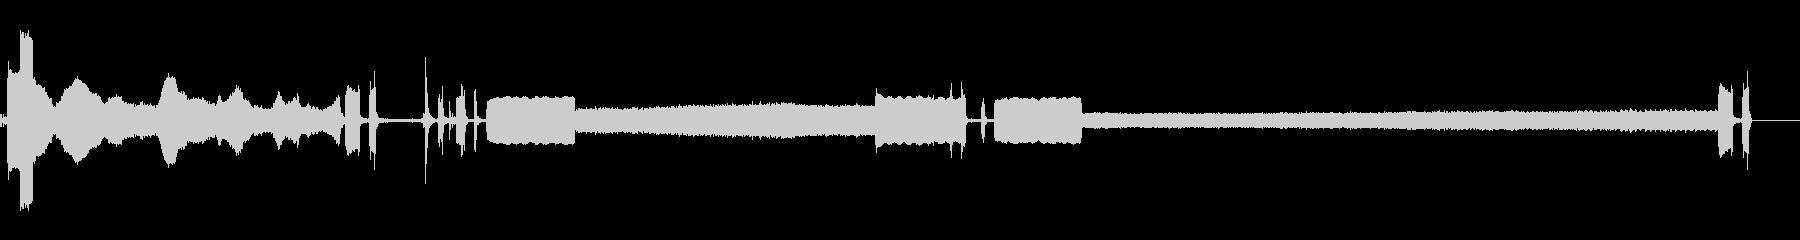 スキャナー-電源オン-画像のスキャ...の未再生の波形